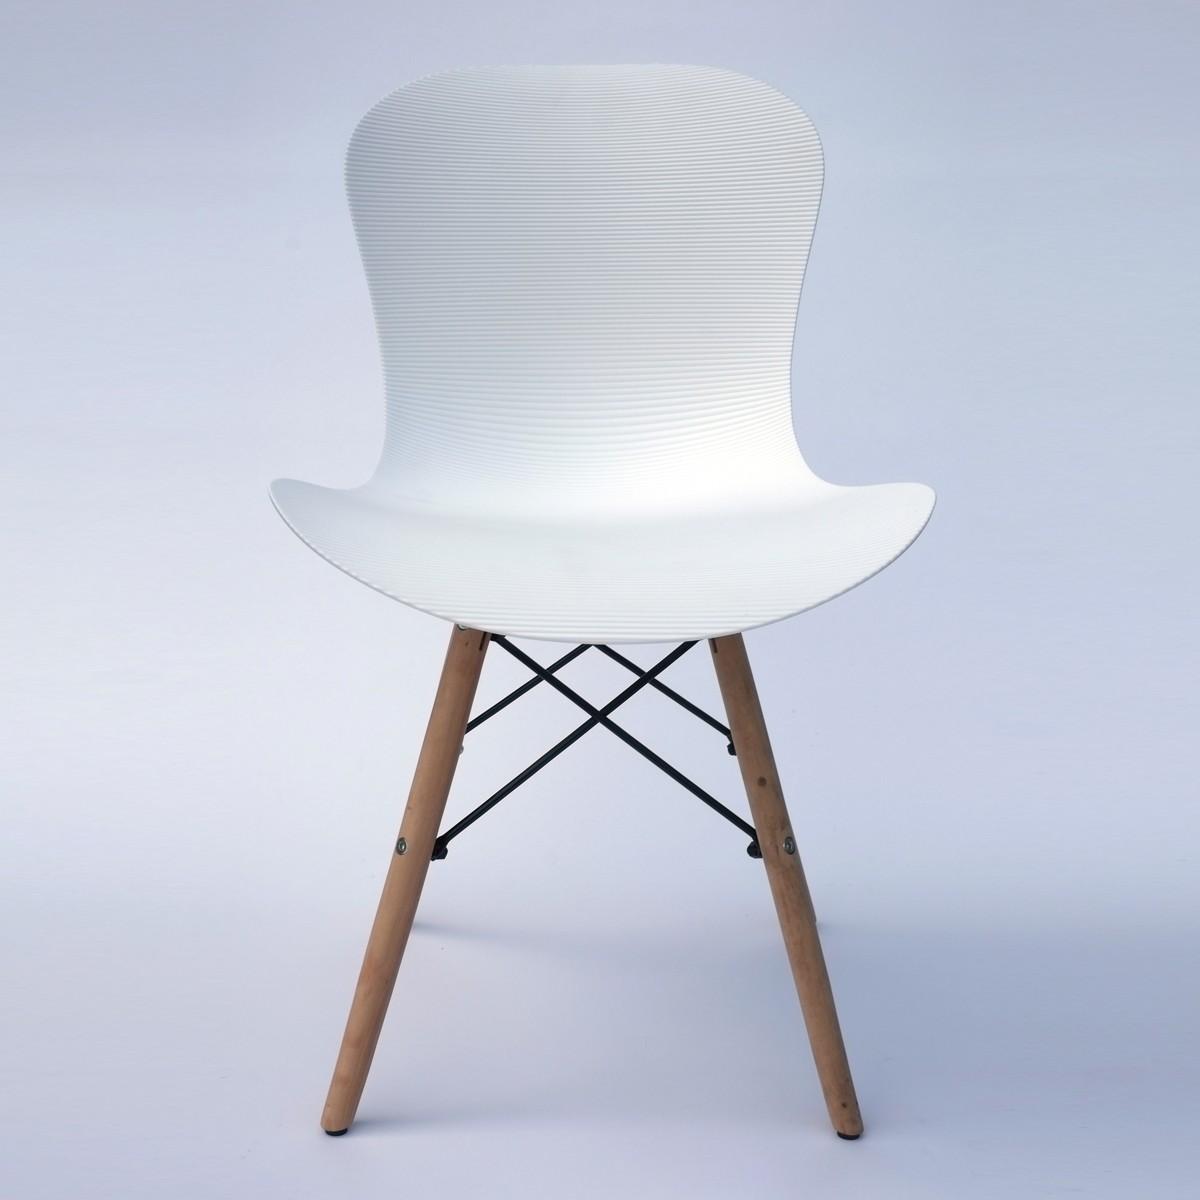 Chaise de salle à manger en plastique ondulé en blanc (T806E001-WT)